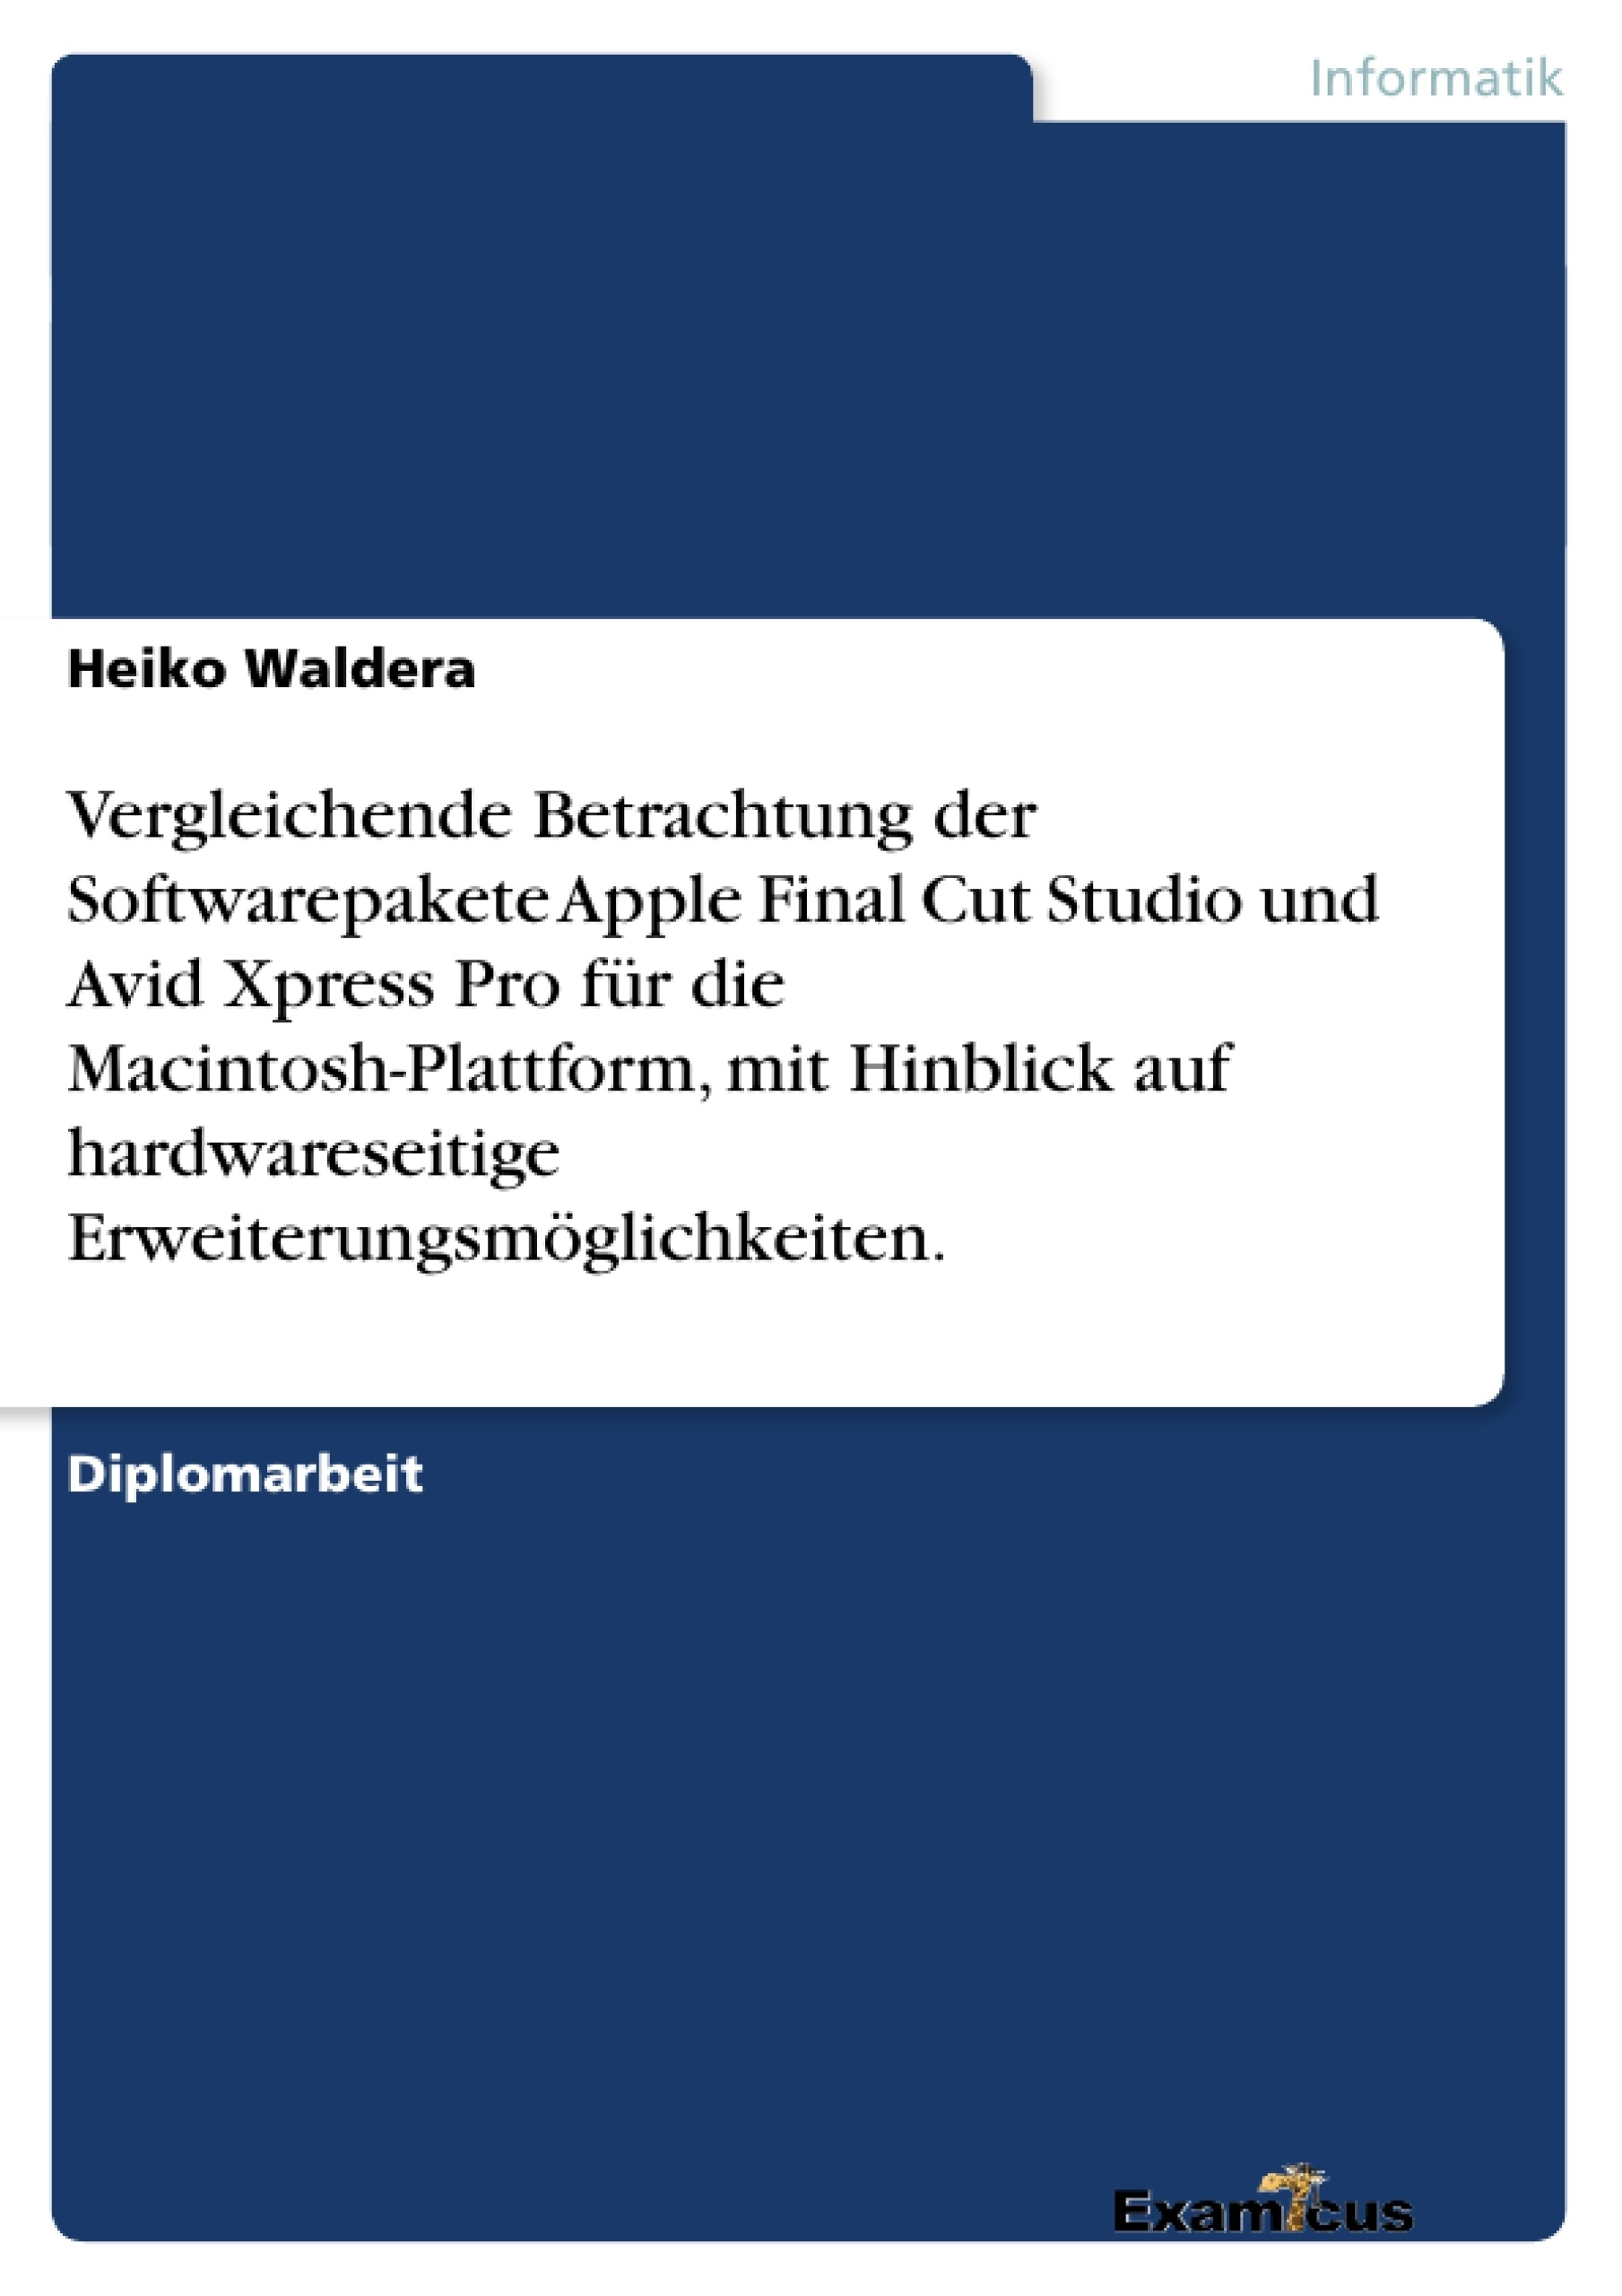 Titel: Vergleichende Betrachtung der Softwarepakete Apple Final Cut Studio und Avid Xpress Pro für die Macintosh-Plattform, mit Hinblick auf hardwareseitige Erweiterungsmöglichkeiten.